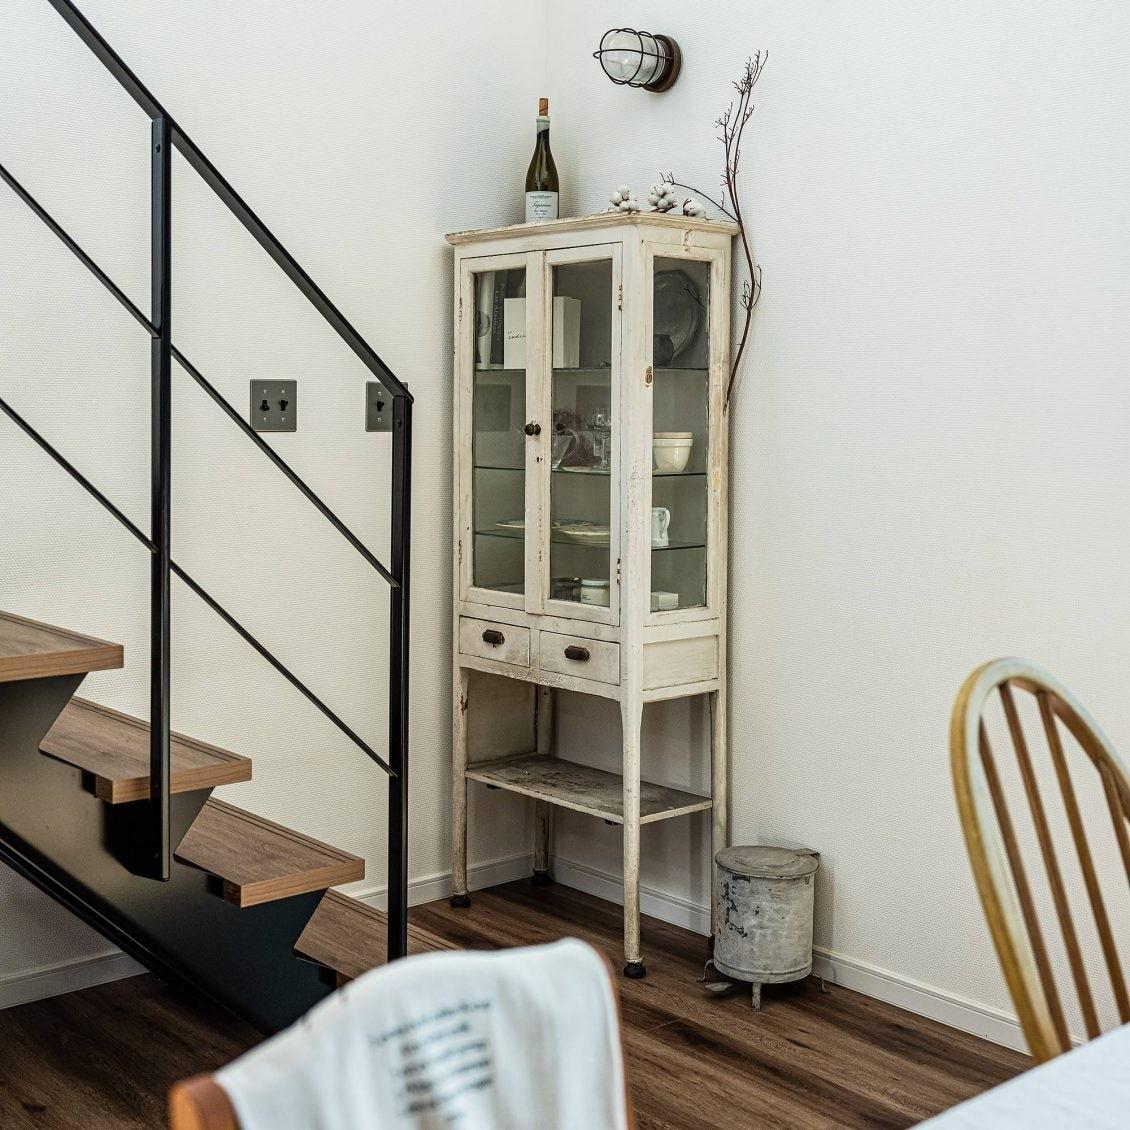 【はじめてのインテリア】第3話:小さくはじめるのがコツ。インテリア初心者が家具を買いたすステップ